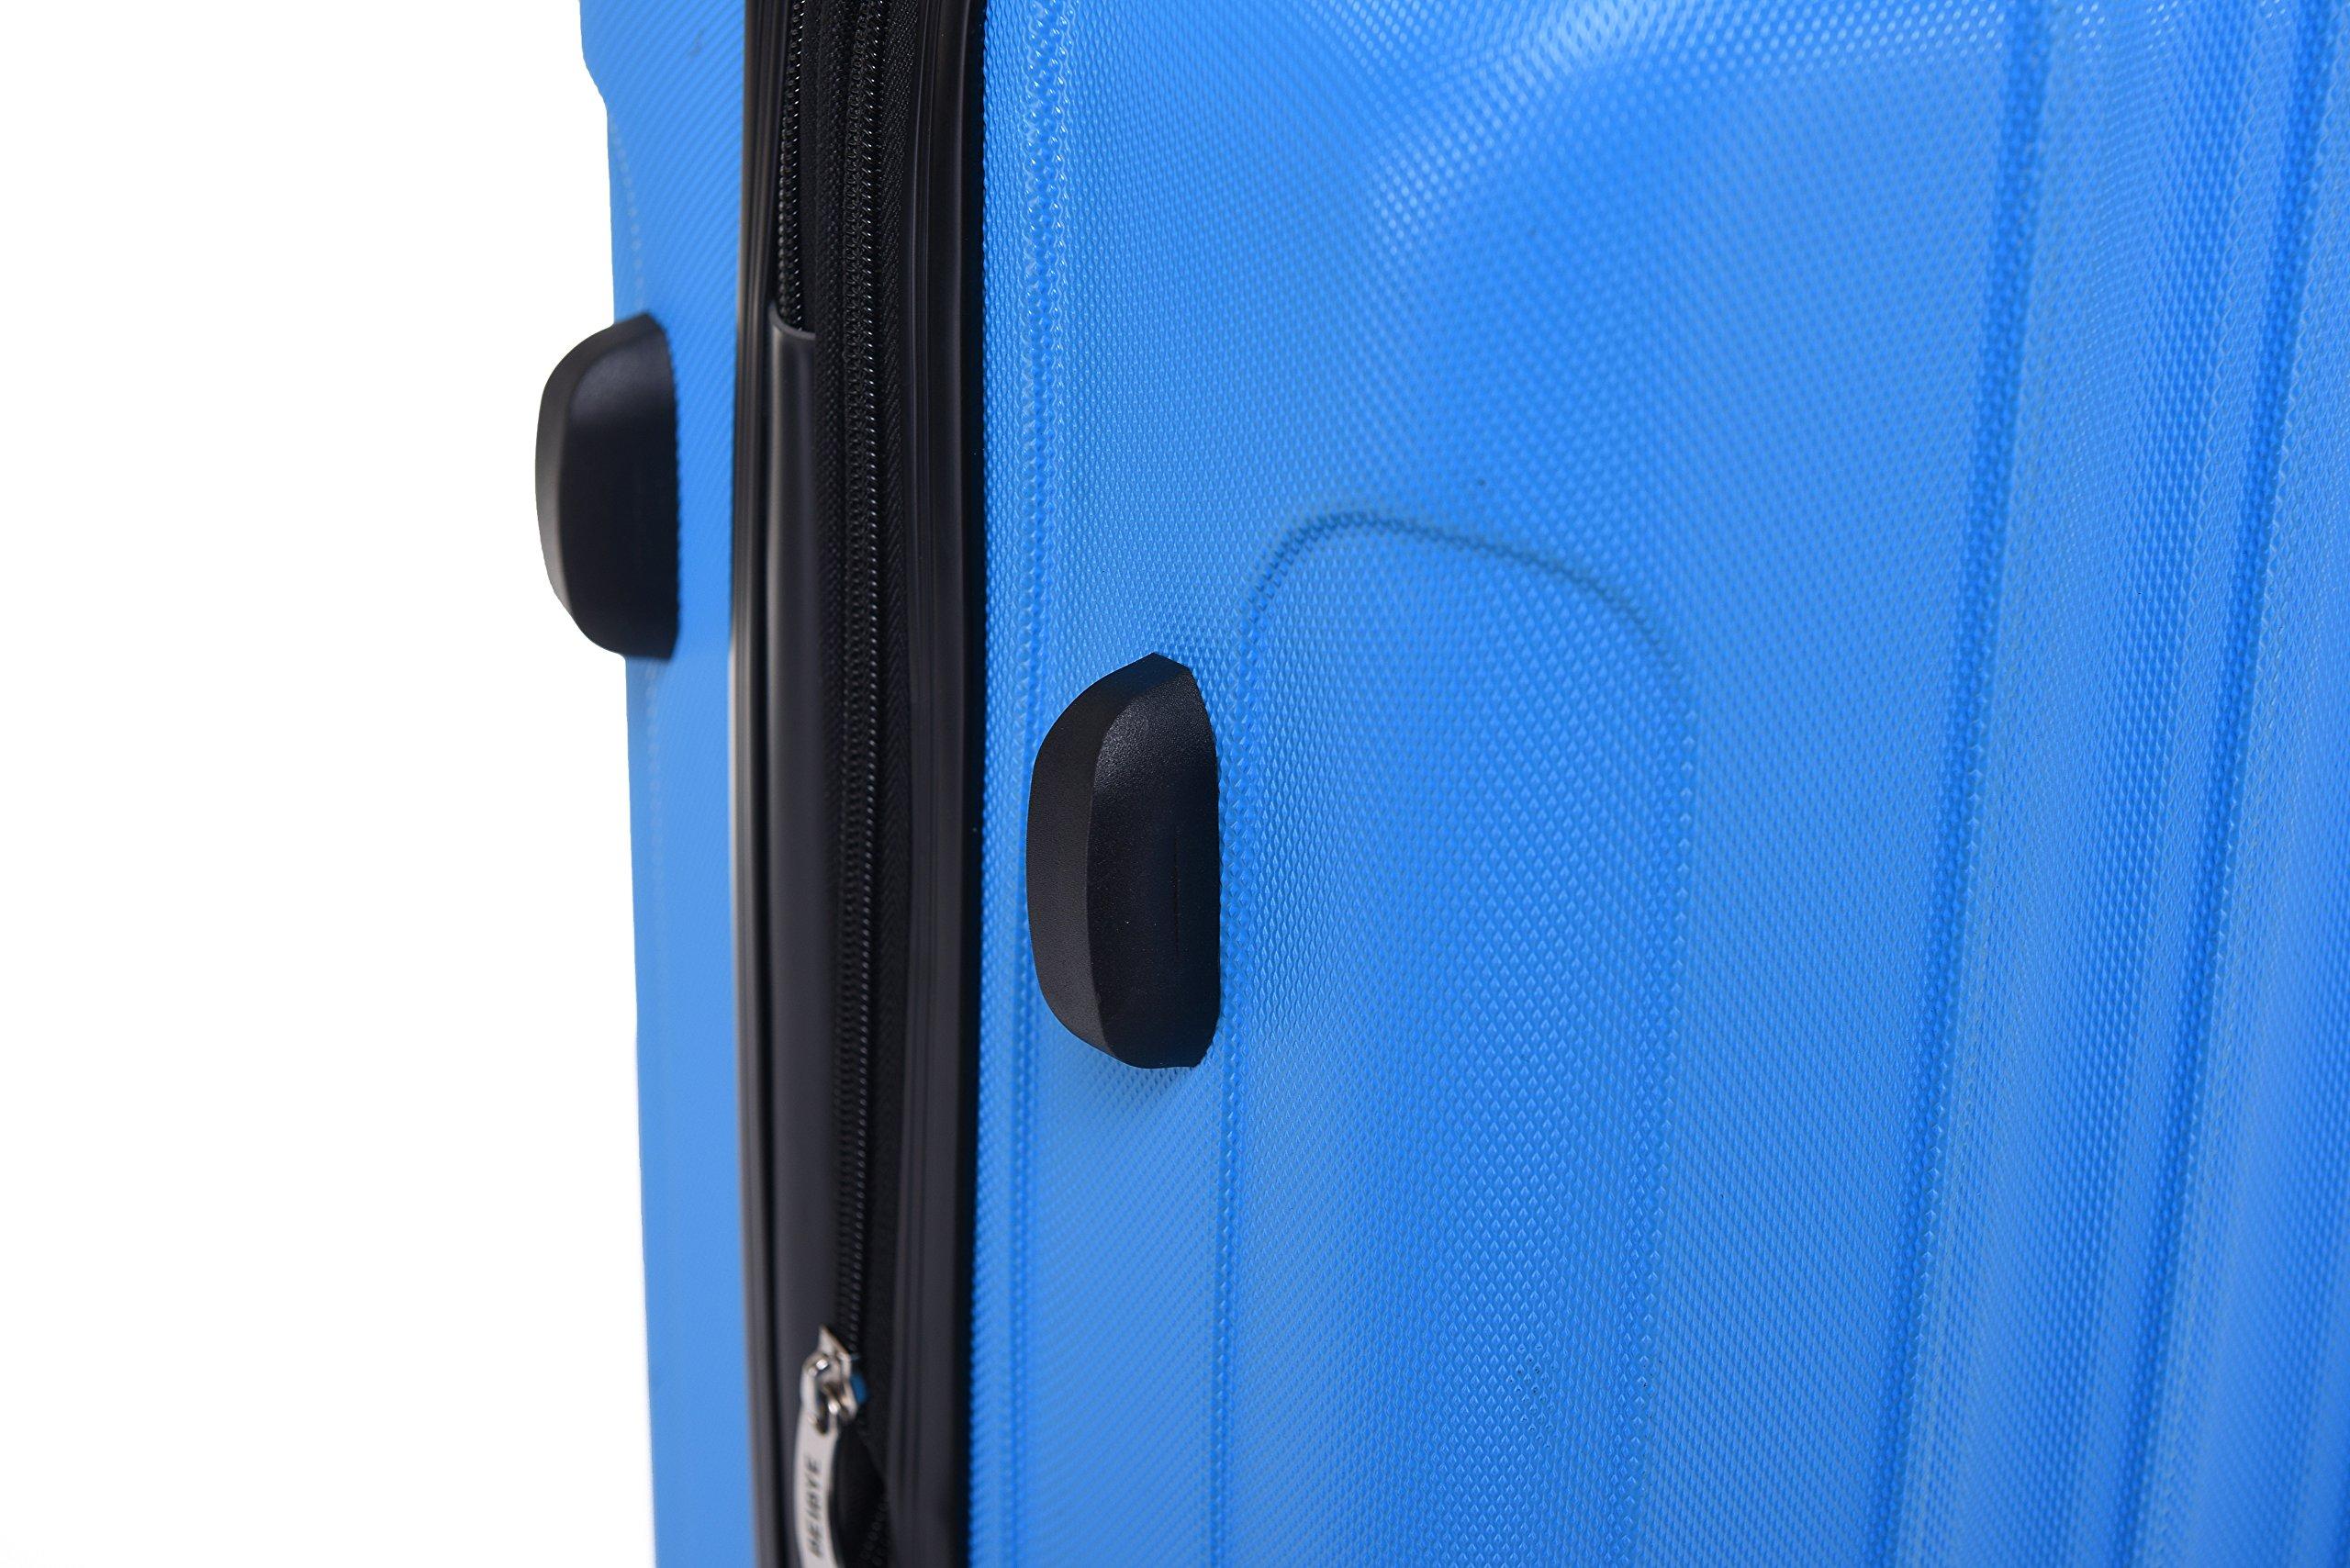 BEIBYE-TSA-Schlo-Zwillingsrollen-Dehnungsfuge-Hartschale-Trolley-Koffer-Kofferset-Reisekoffer-Gepckset